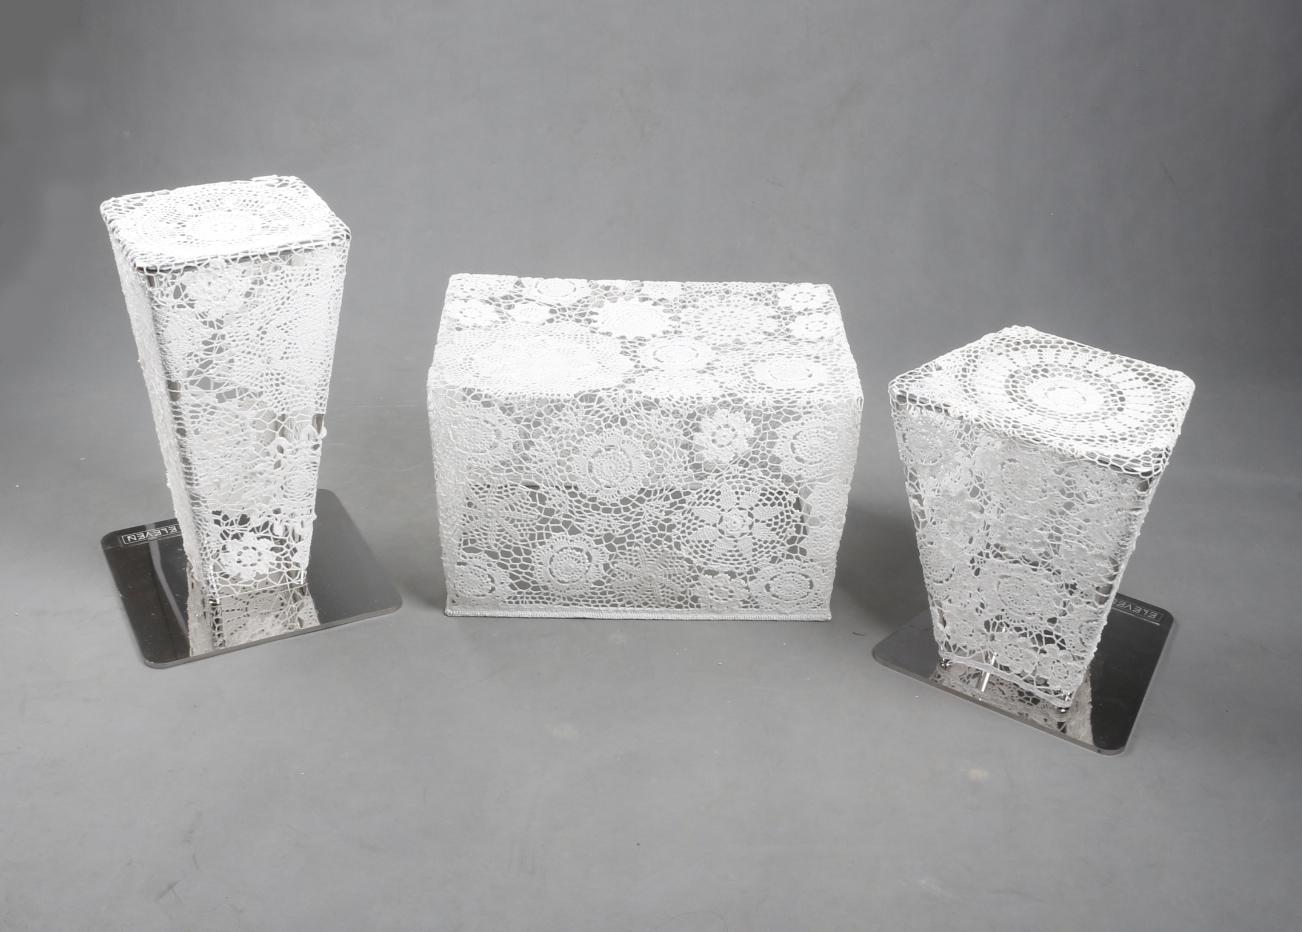 手工编织出座椅造型 再使用树脂材料进行定型 创作出这款艺术休闲桌凳